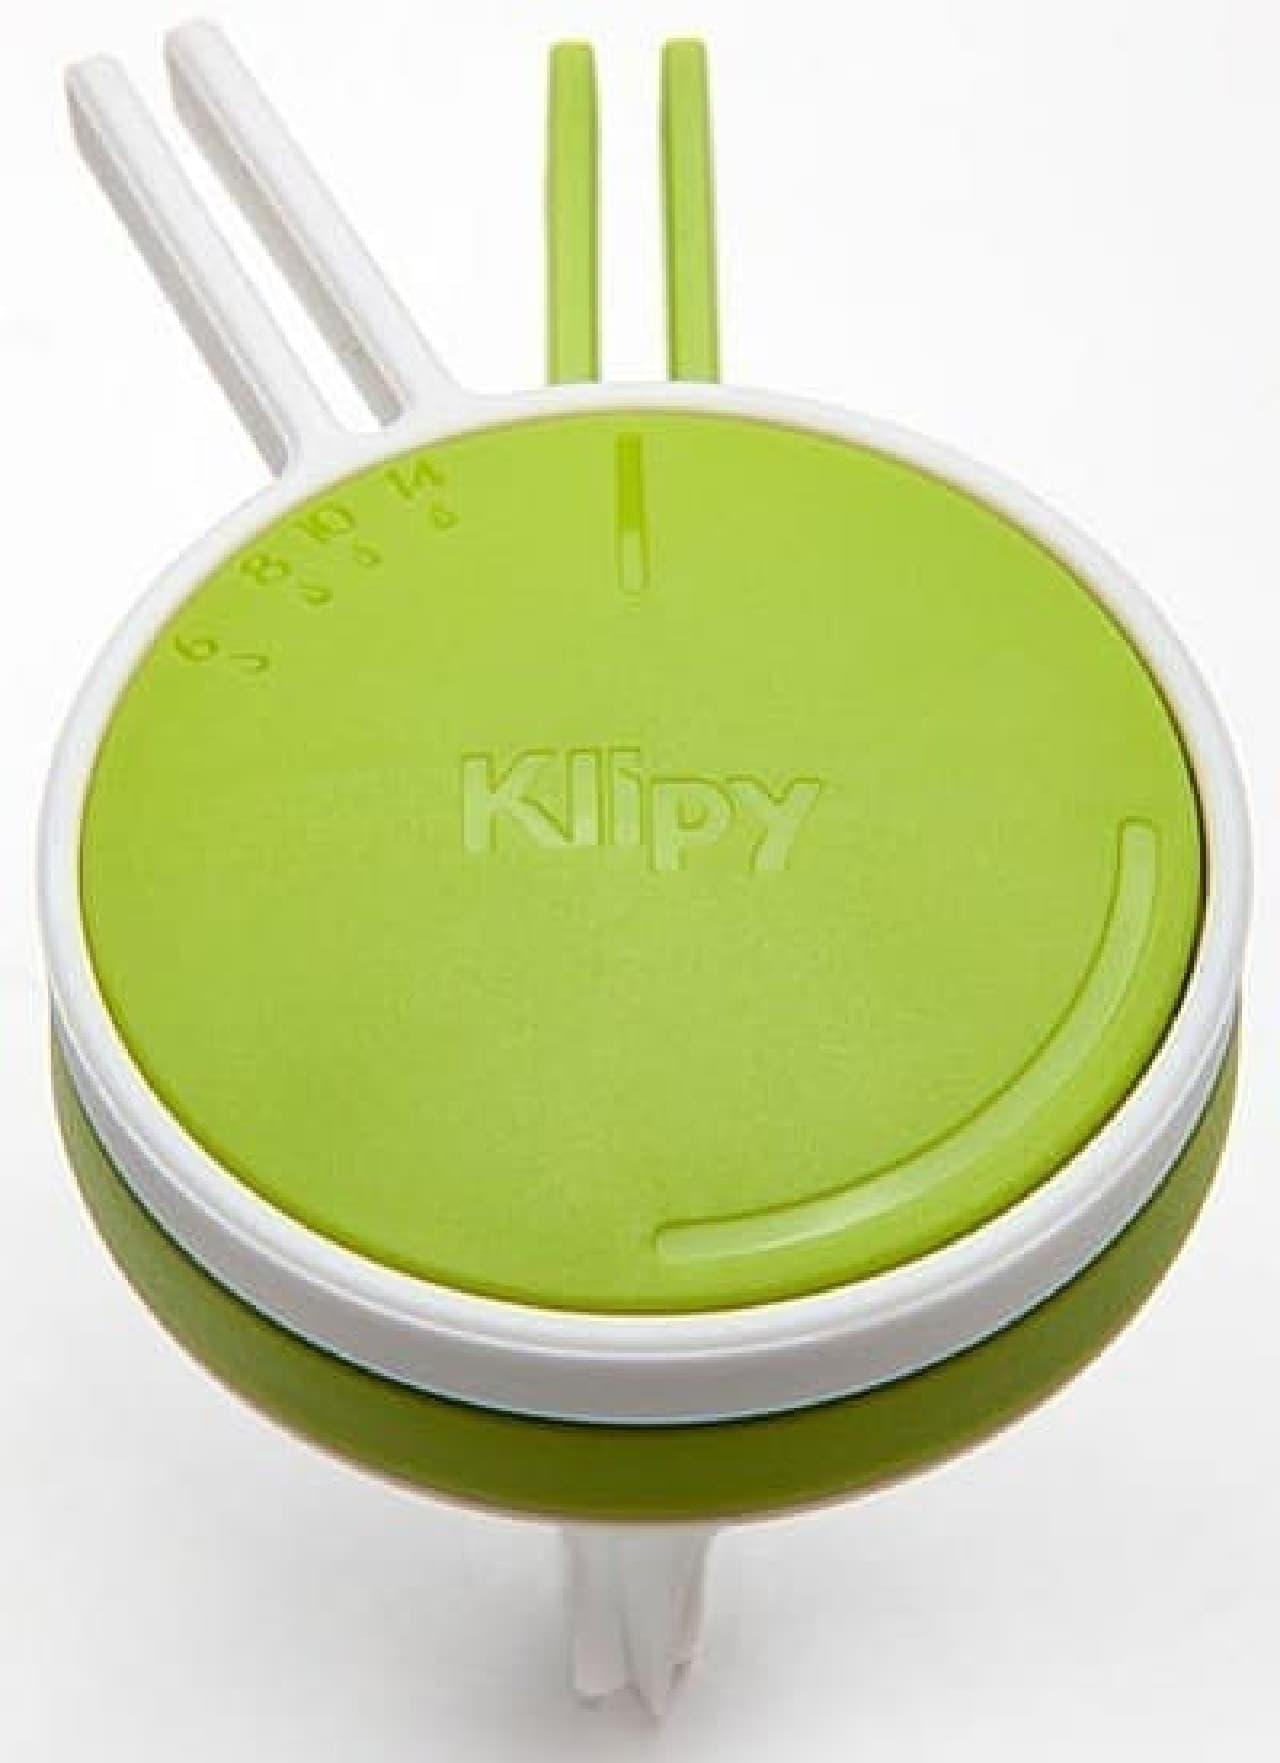 Klipy Cake Divider のカラーバリエーションは、ピンクとグリーンの2色  でも、注文時に色の指定はできないのだそうです